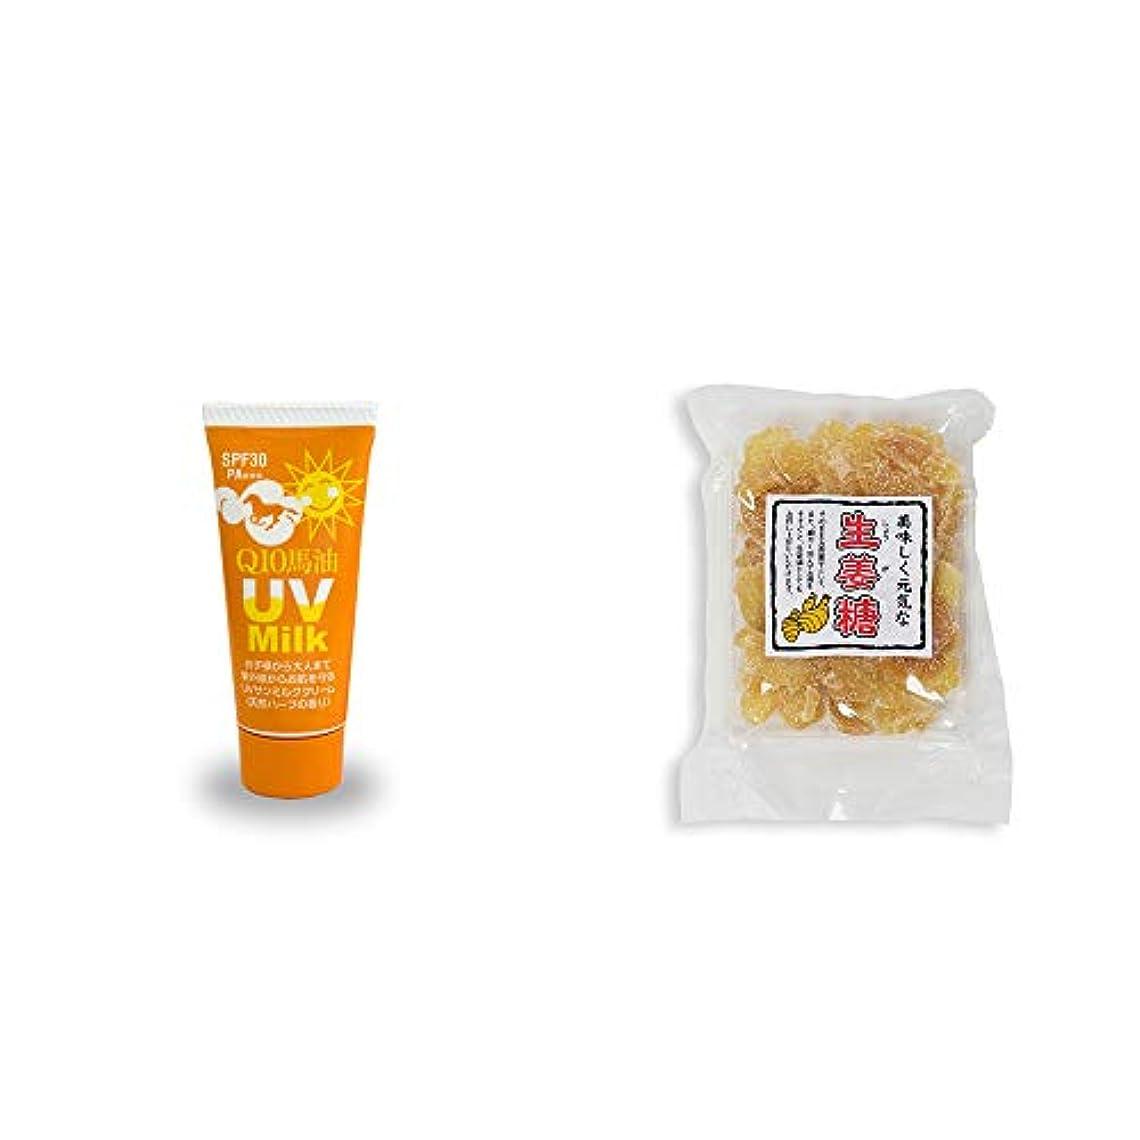 ブラシ農場ホテル[2点セット] 炭黒泉 Q10馬油 UVサンミルク[天然ハーブ](40g)?生姜糖(230g)